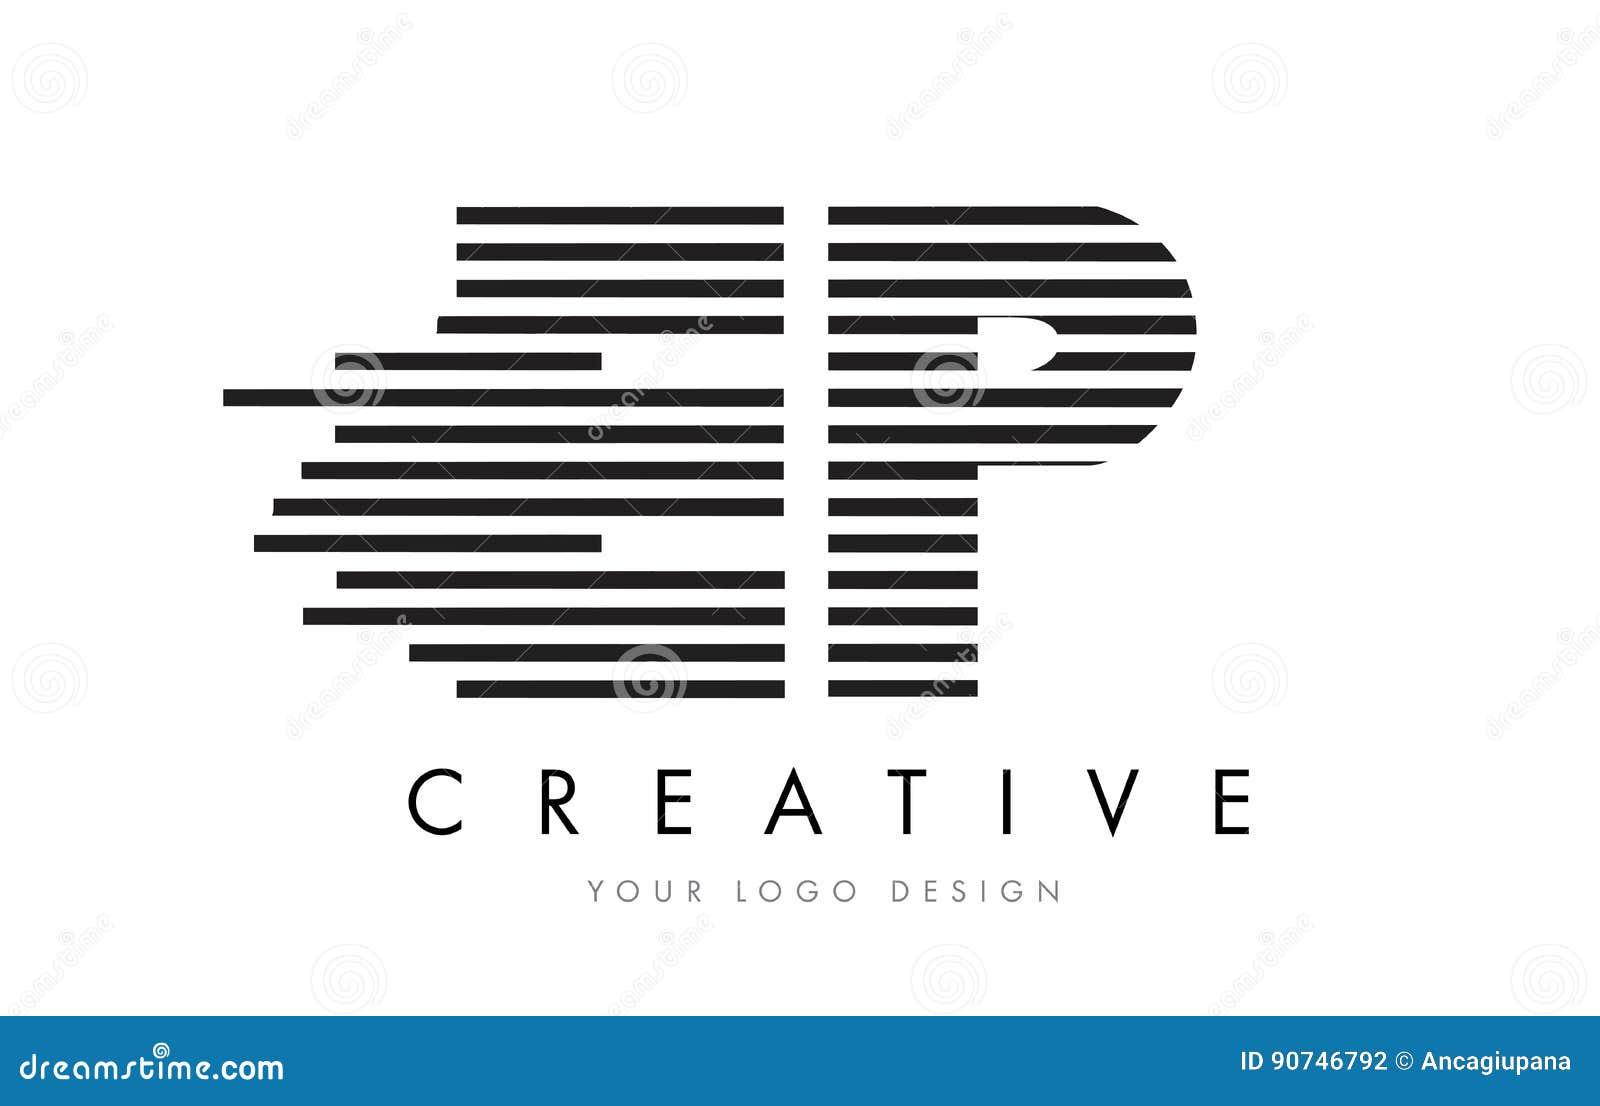 83 Best Black amp White images in 2019  Logos design Logo